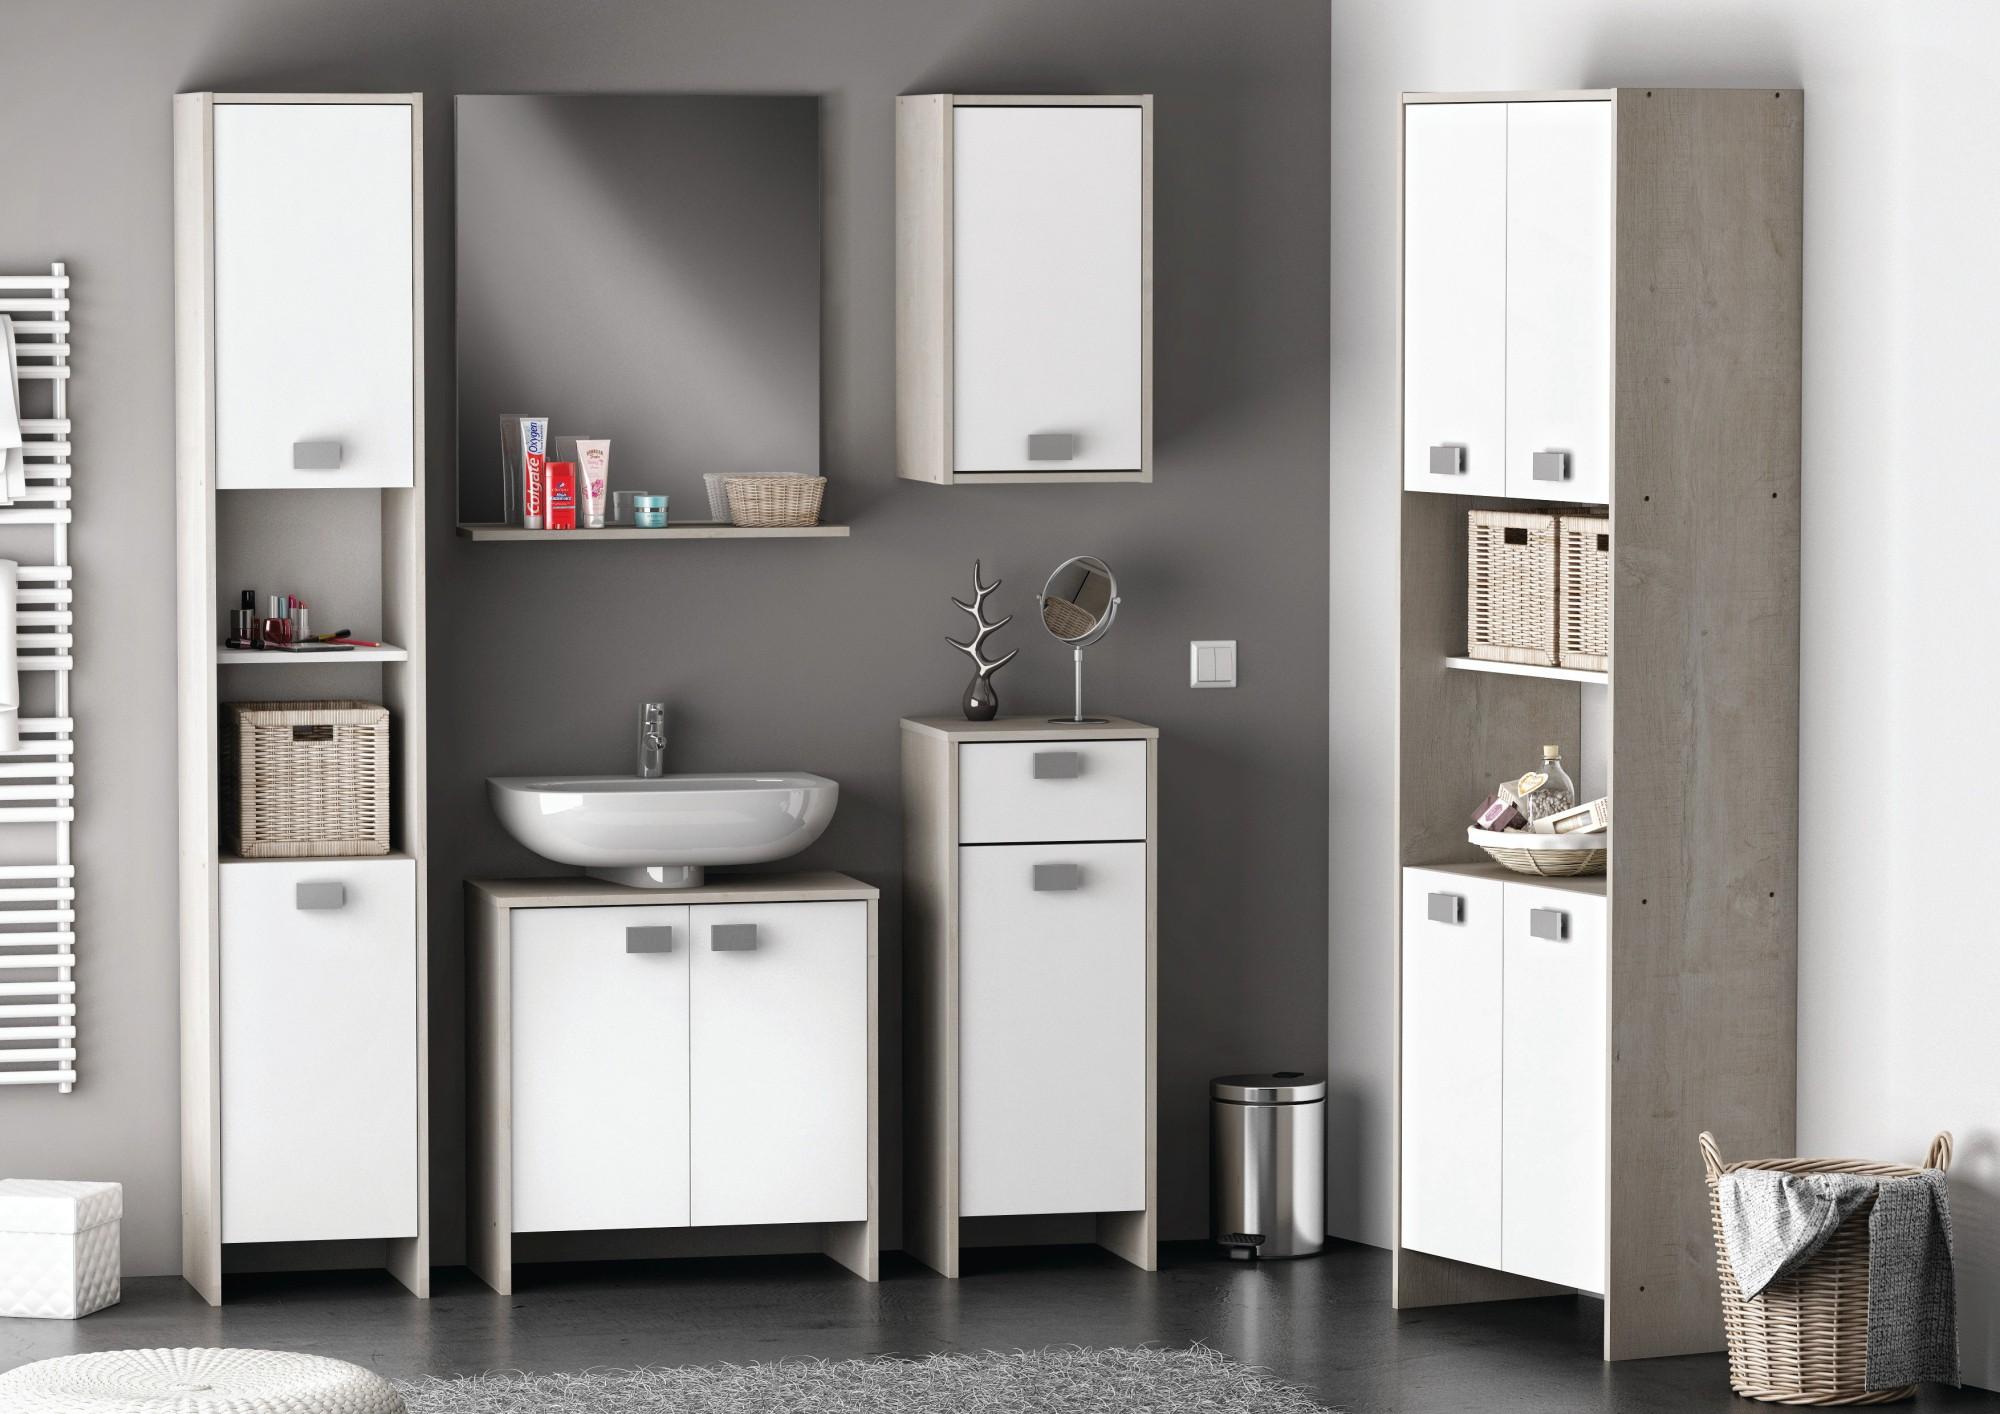 Meuble de salle de bain sous lavabo avec colonne maison - Meuble salle de bain avec lavabo ...